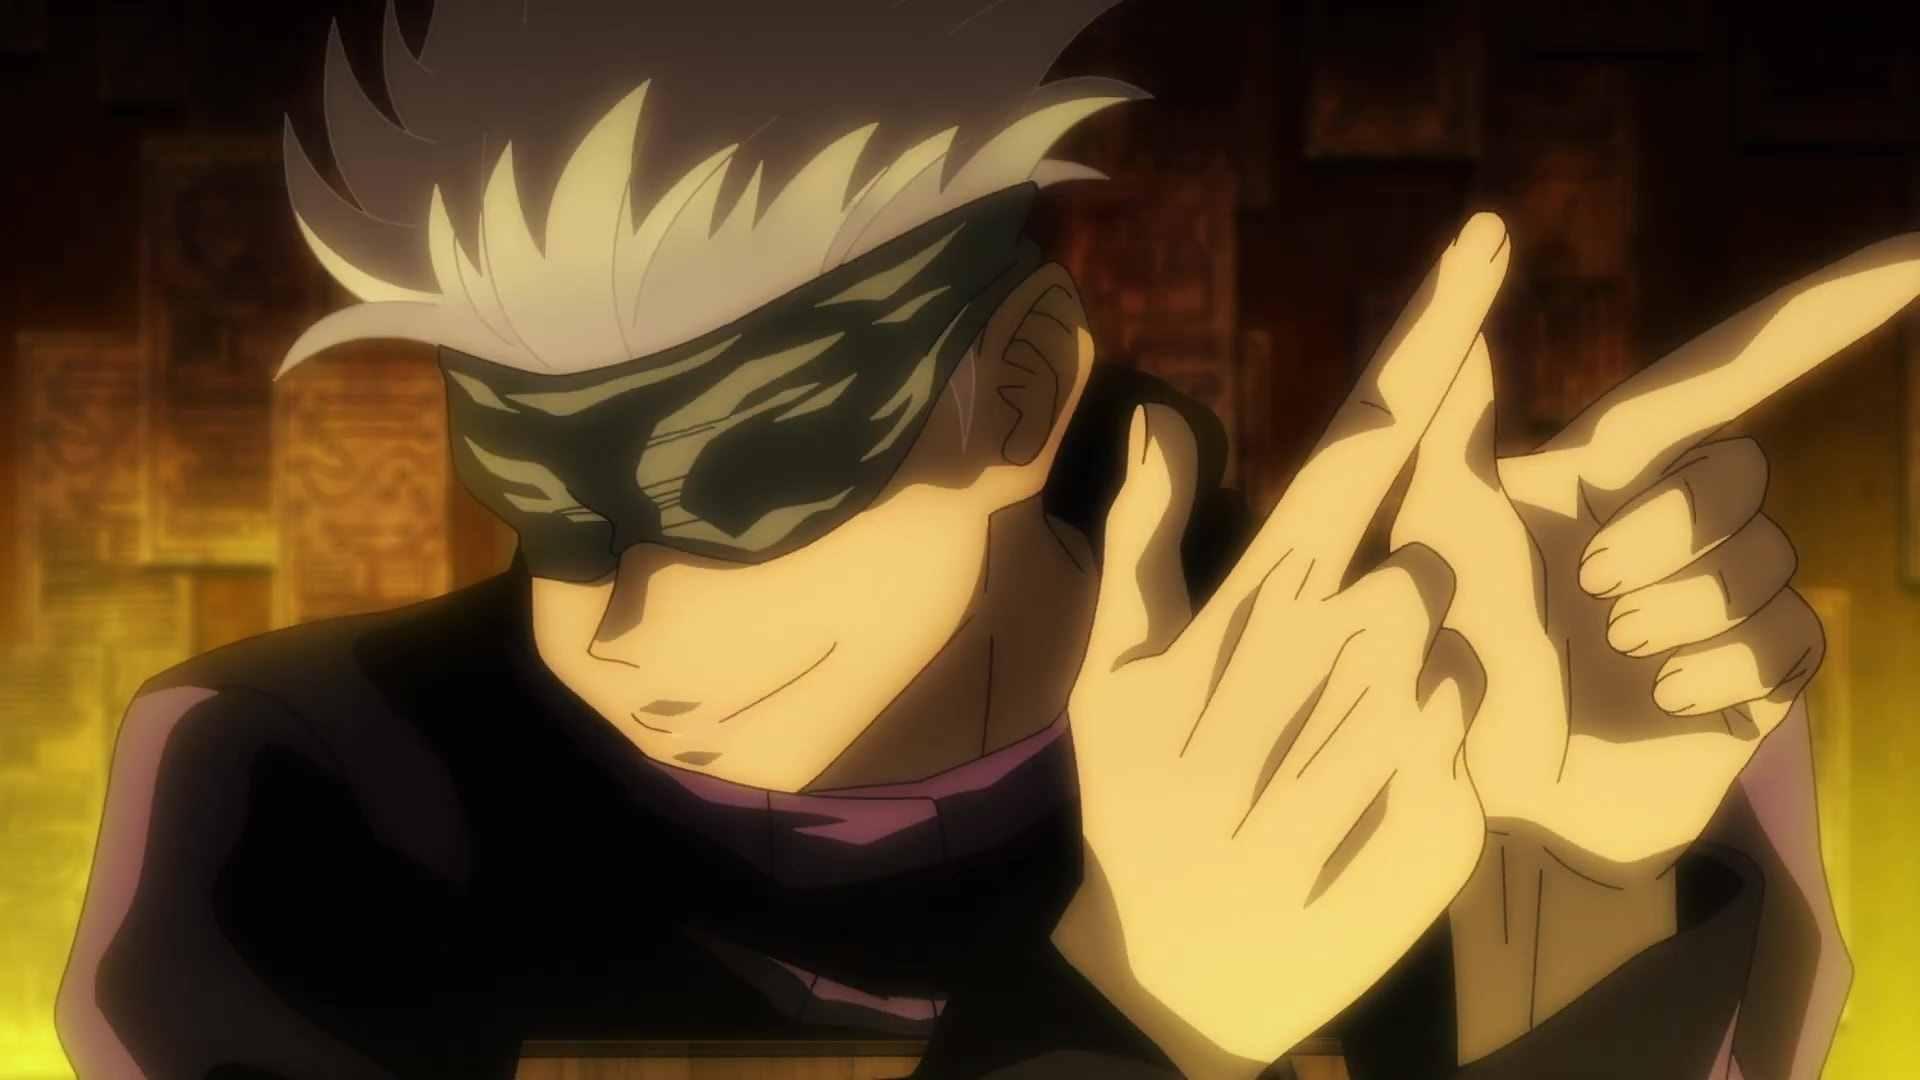 Персонаж Сатору магическая битва, аниме картинки 09